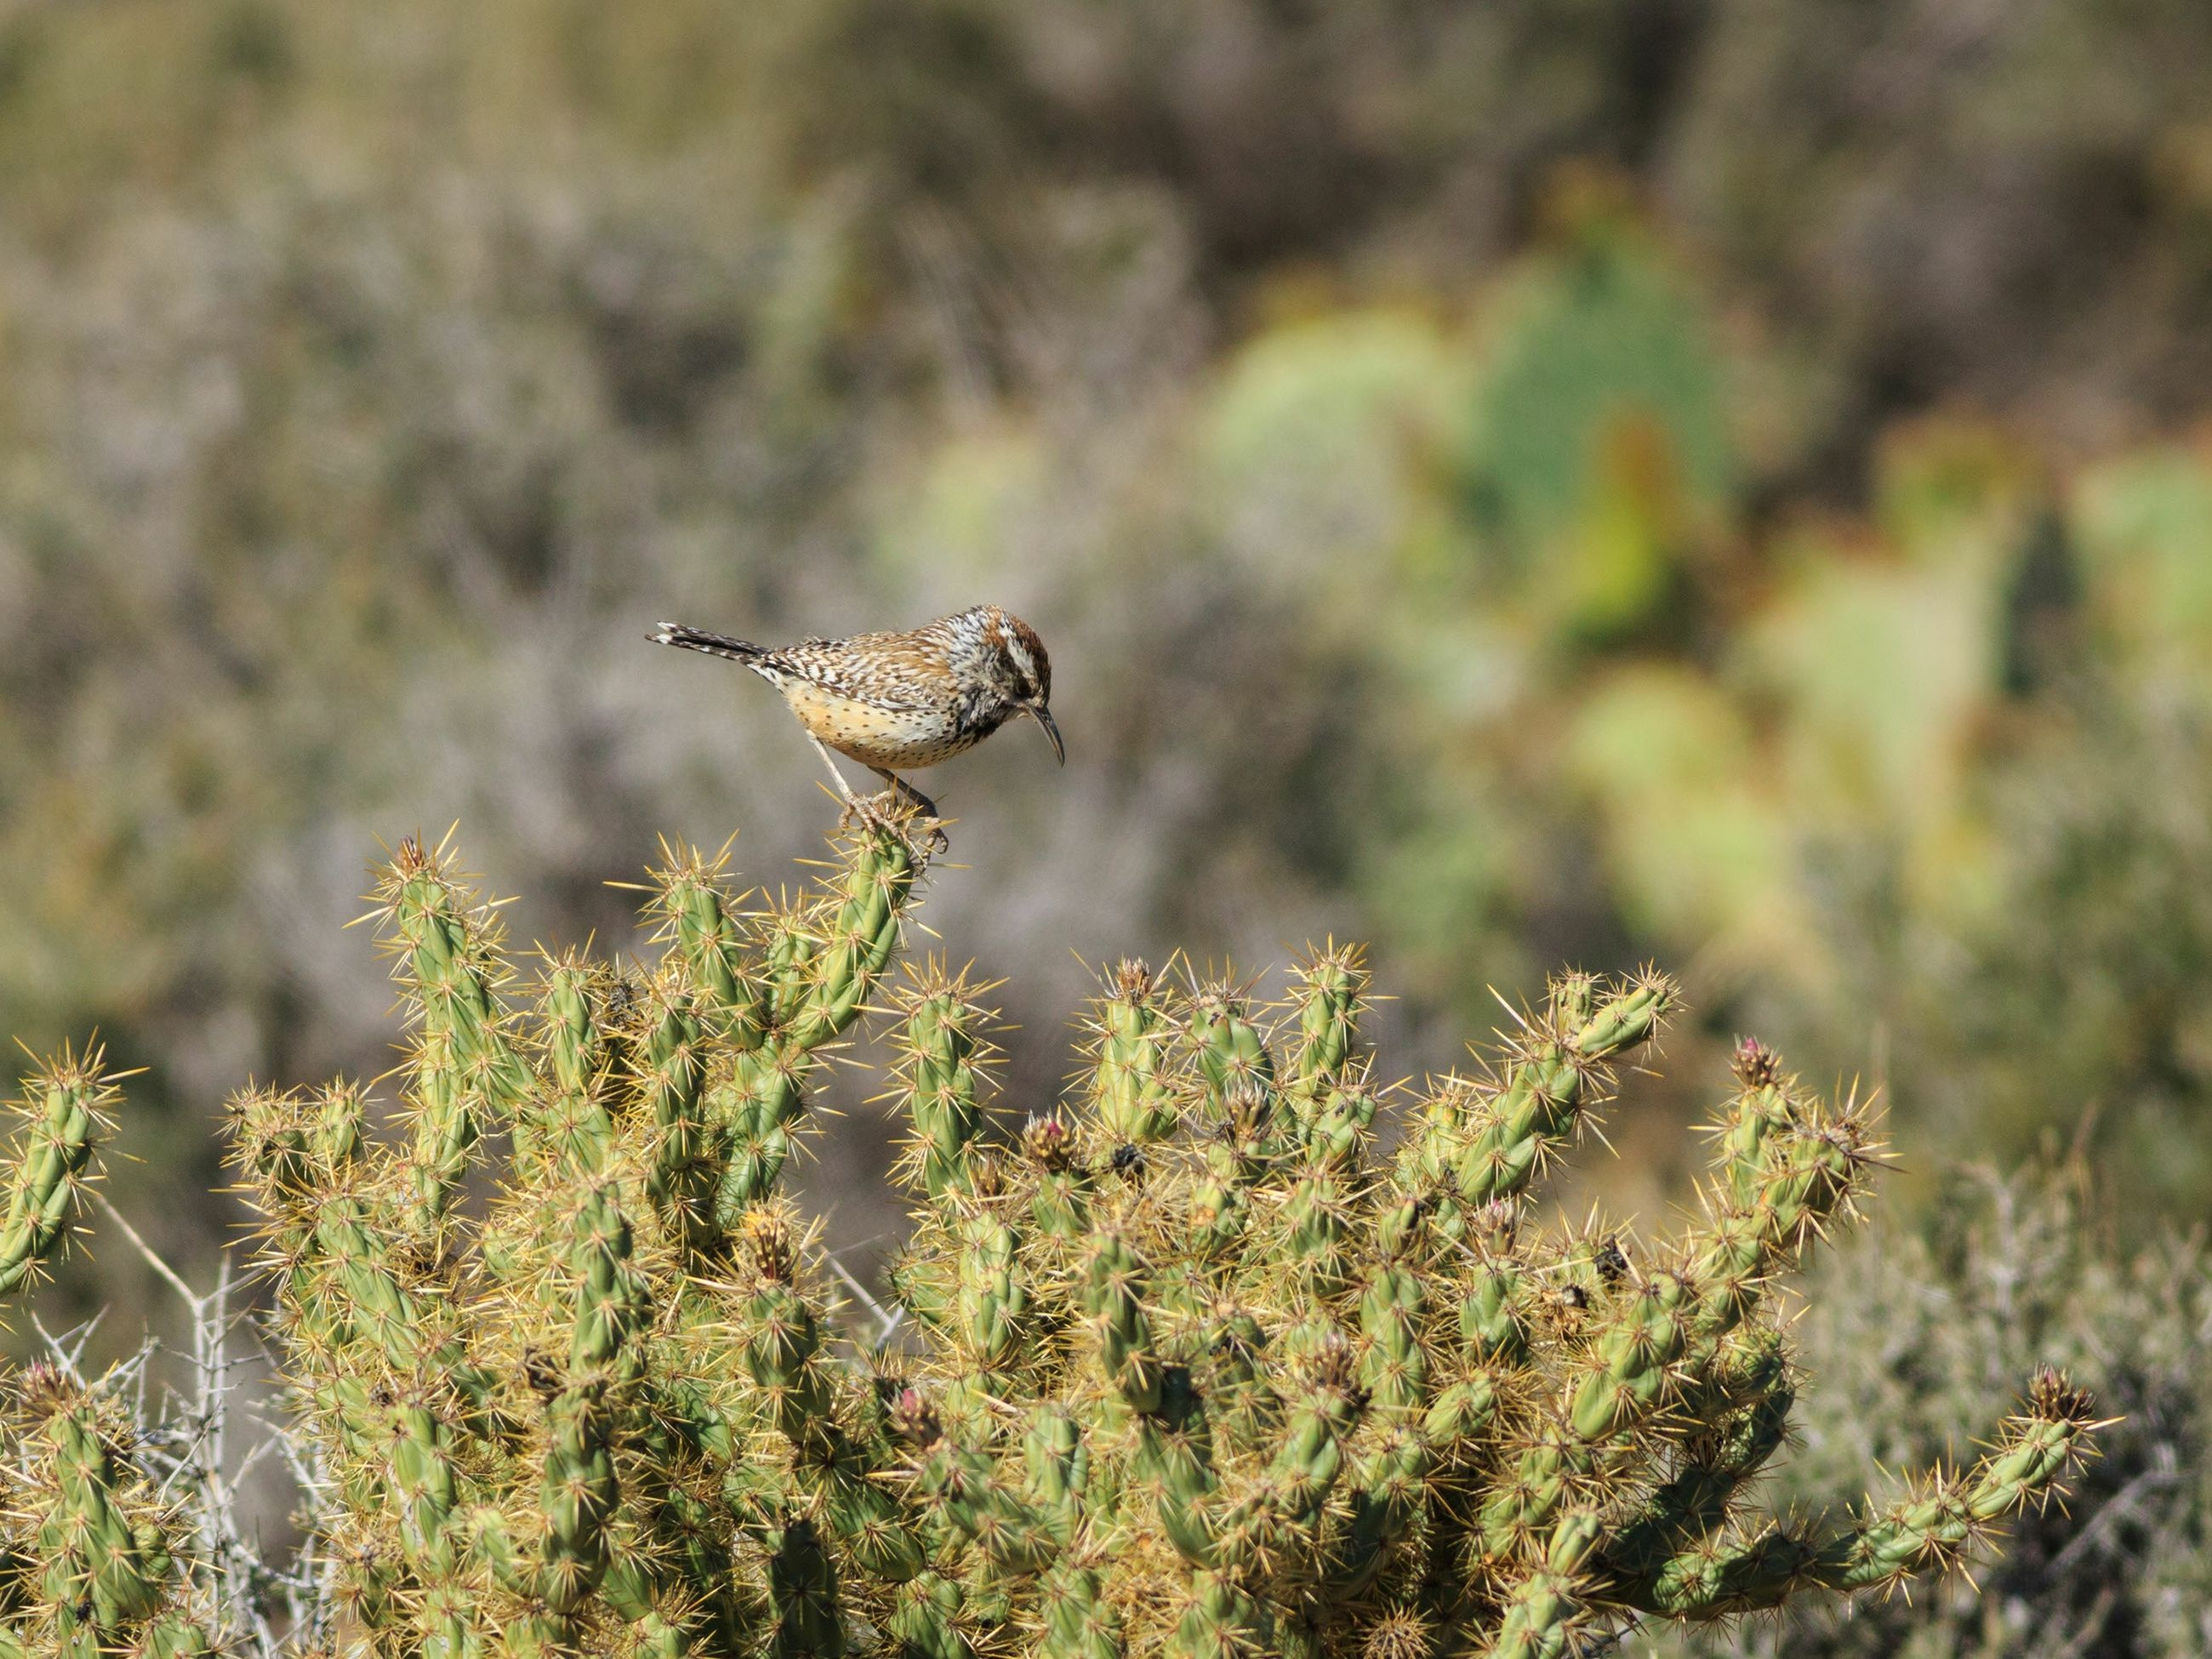 Close-up of bird on cactus